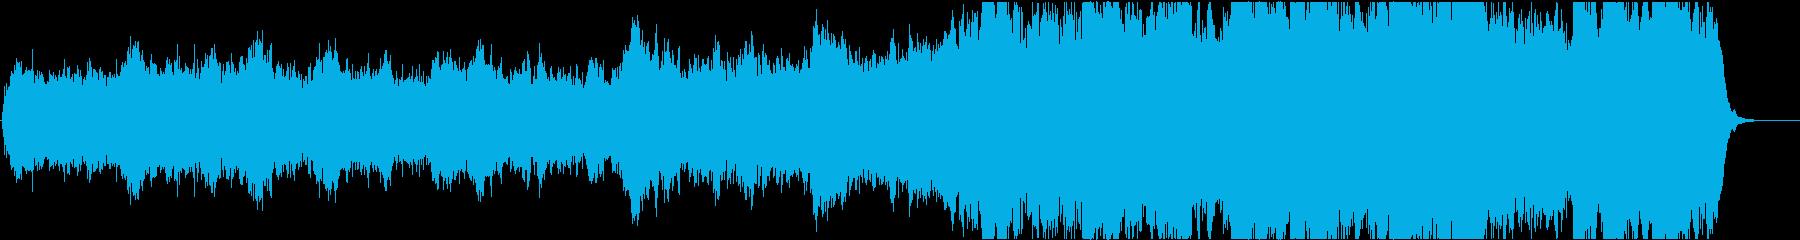 ドラマ3 24bit44.1kHzVerの再生済みの波形